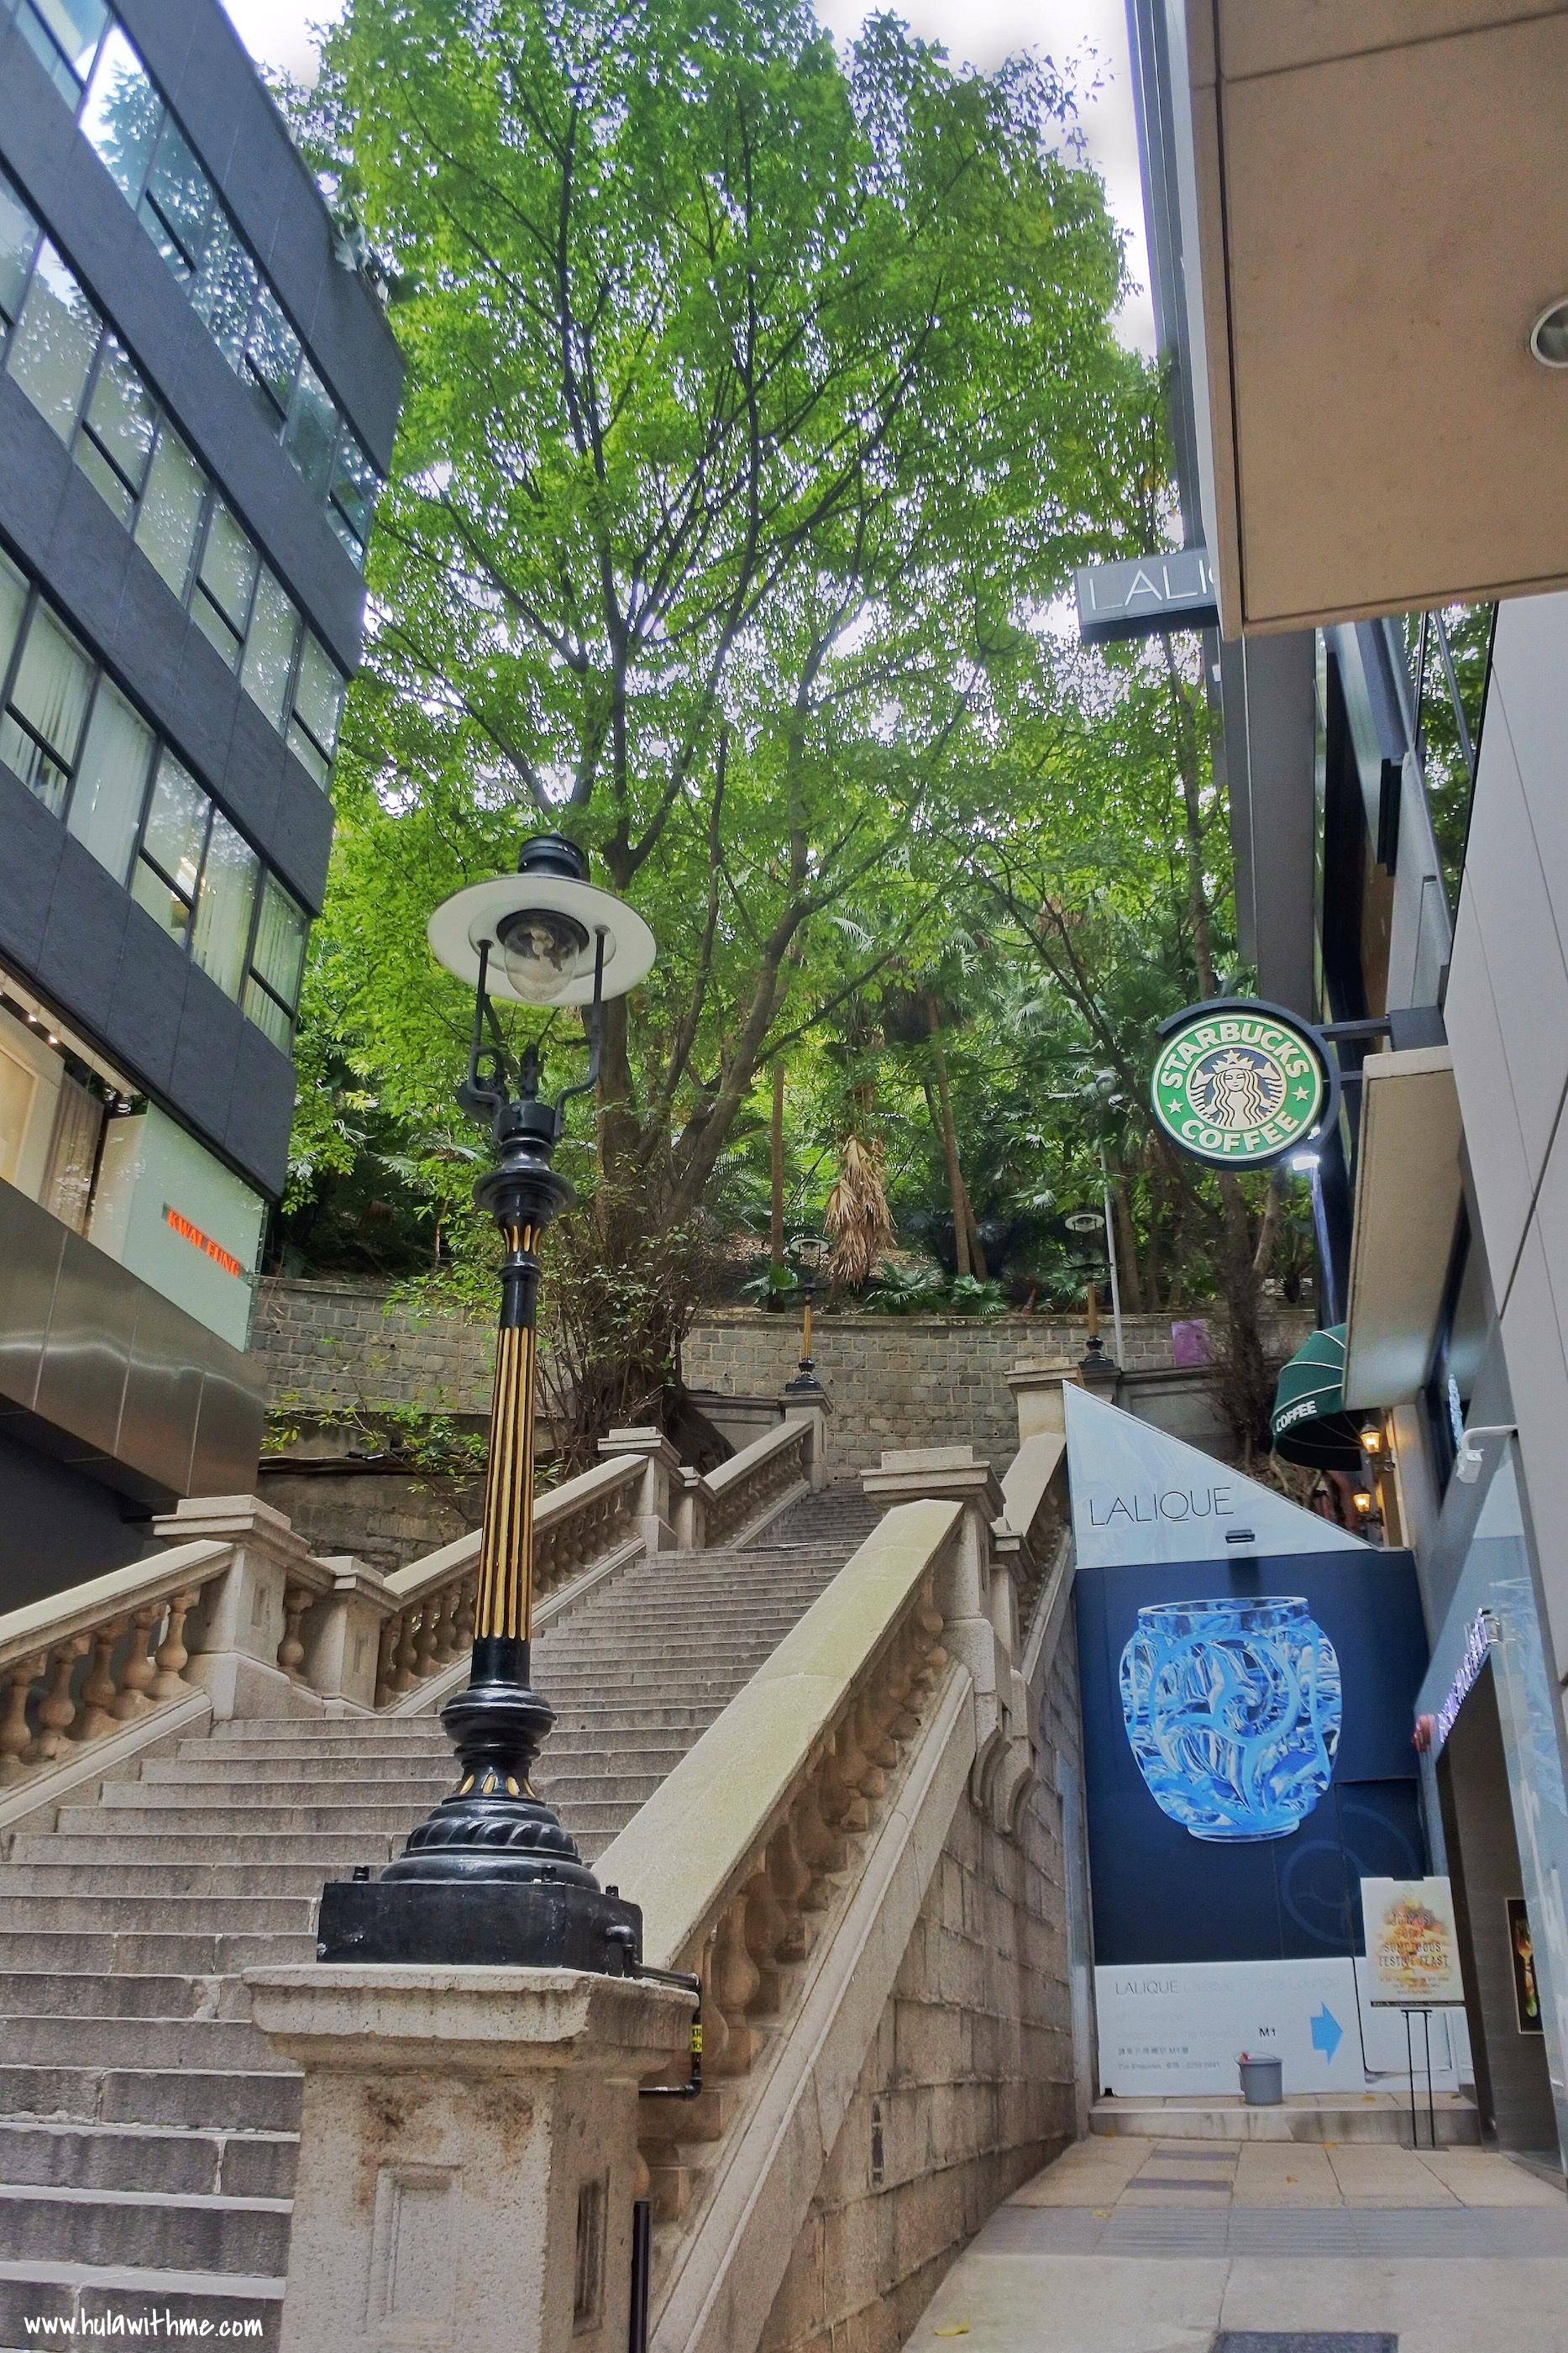 Hong Kong Duddell Street Gas Lamps. Part of Hong Kong's British Colonial history.